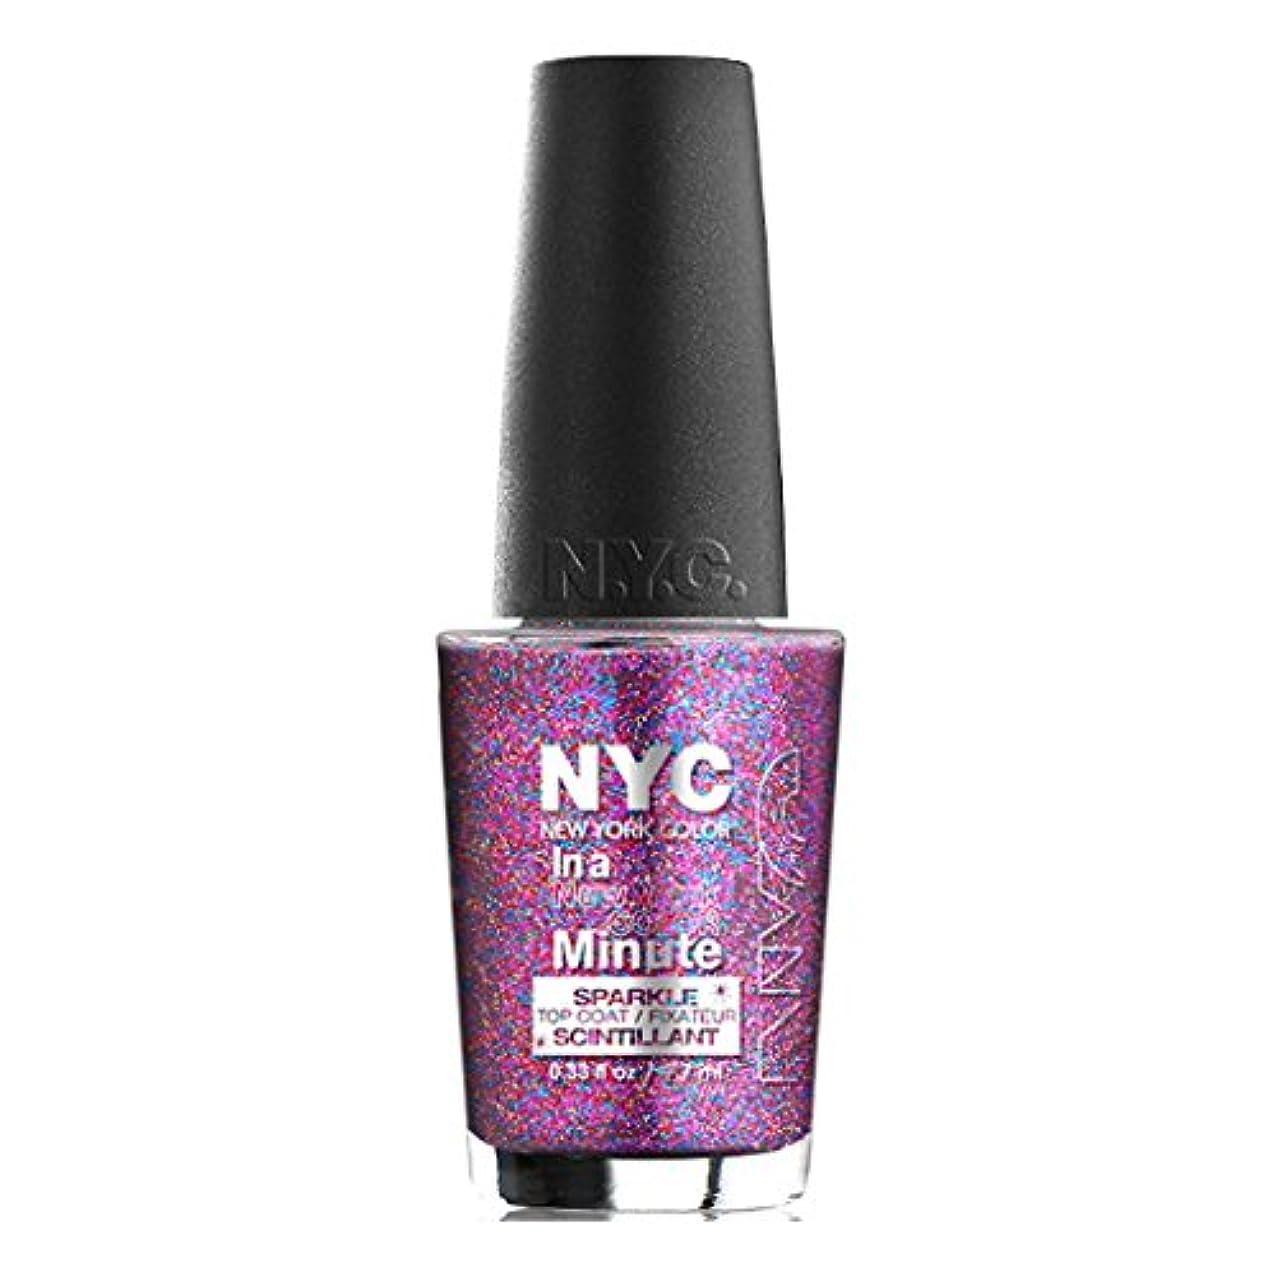 戦うボクシング物思いにふける(6 Pack) NYC In A New York Color Minute Sparkle Top Coat - Big City Dazzle (並行輸入品)